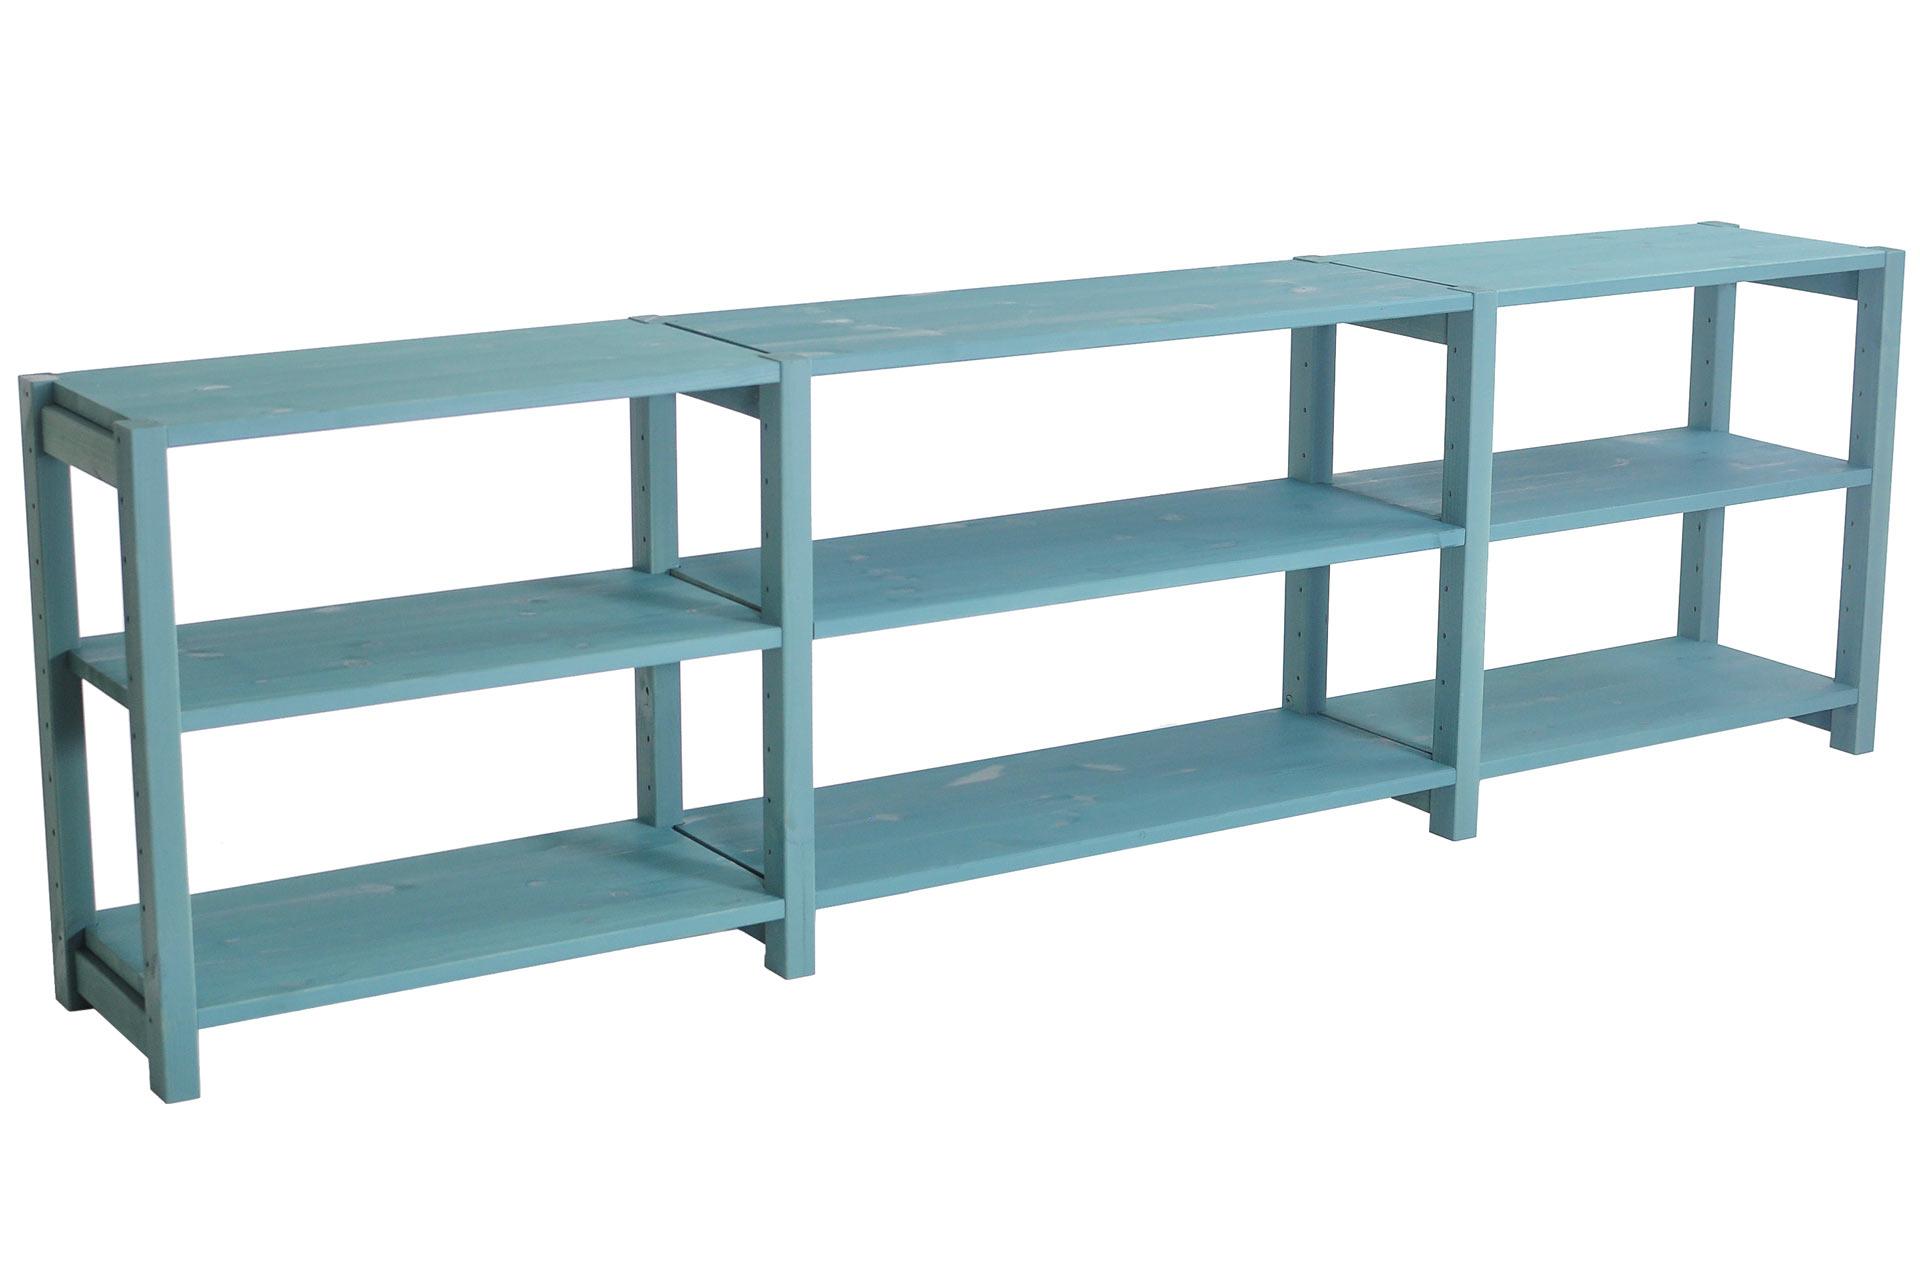 Mediabänk, 200 x 30 x 58 cm, välj färg - SCALA CLASSIC